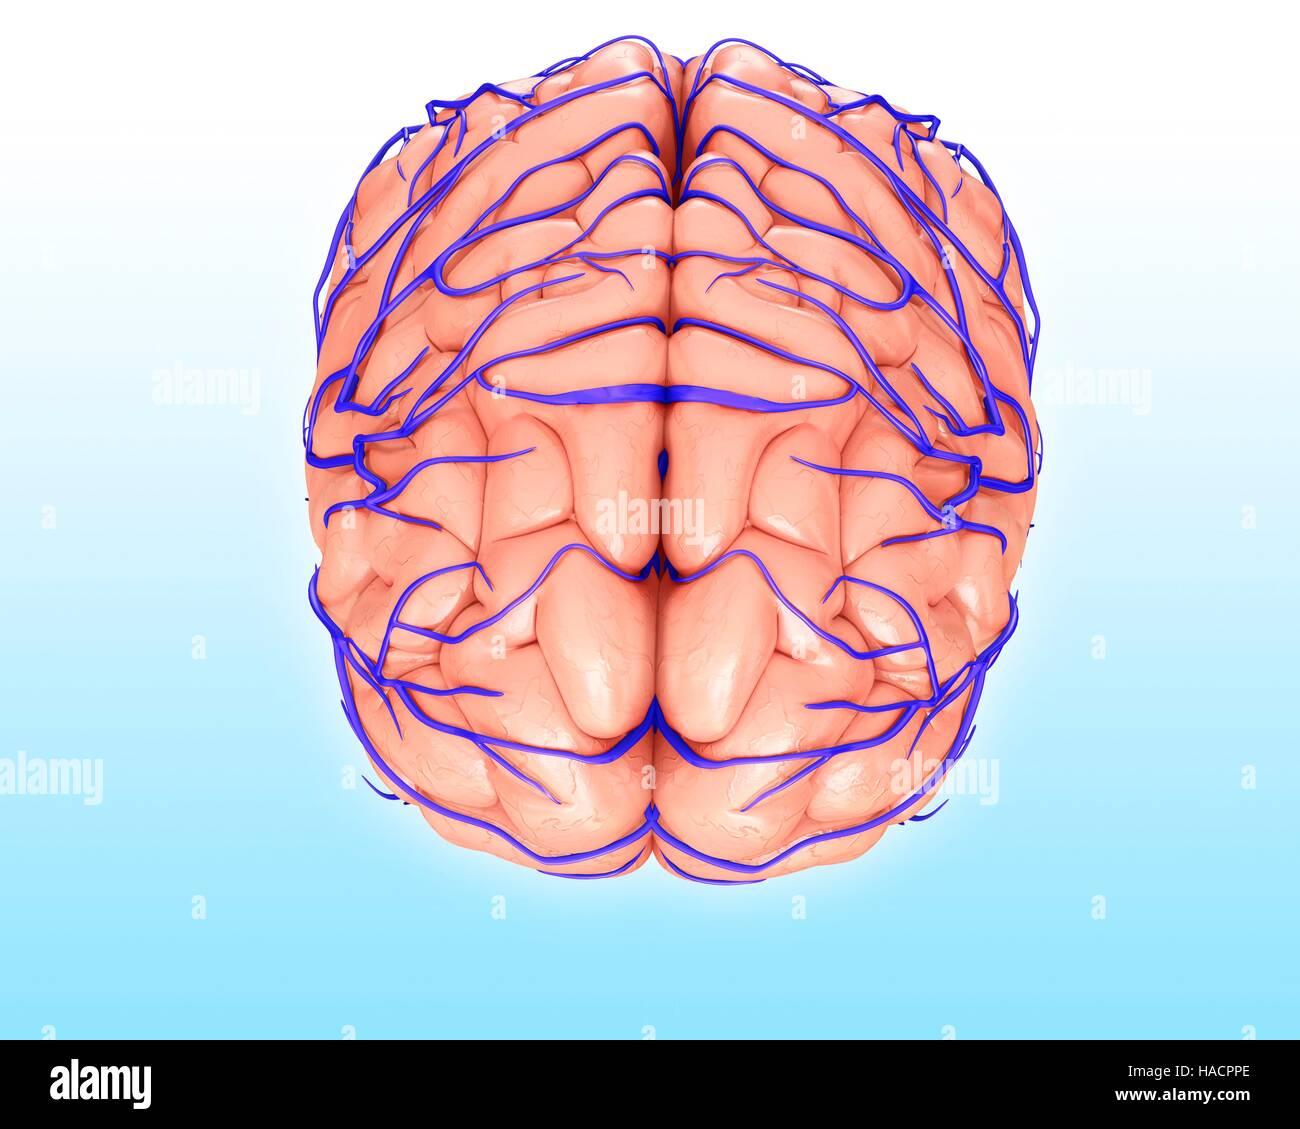 Brain Veins And Anatomy Stock Photos & Brain Veins And Anatomy Stock ...